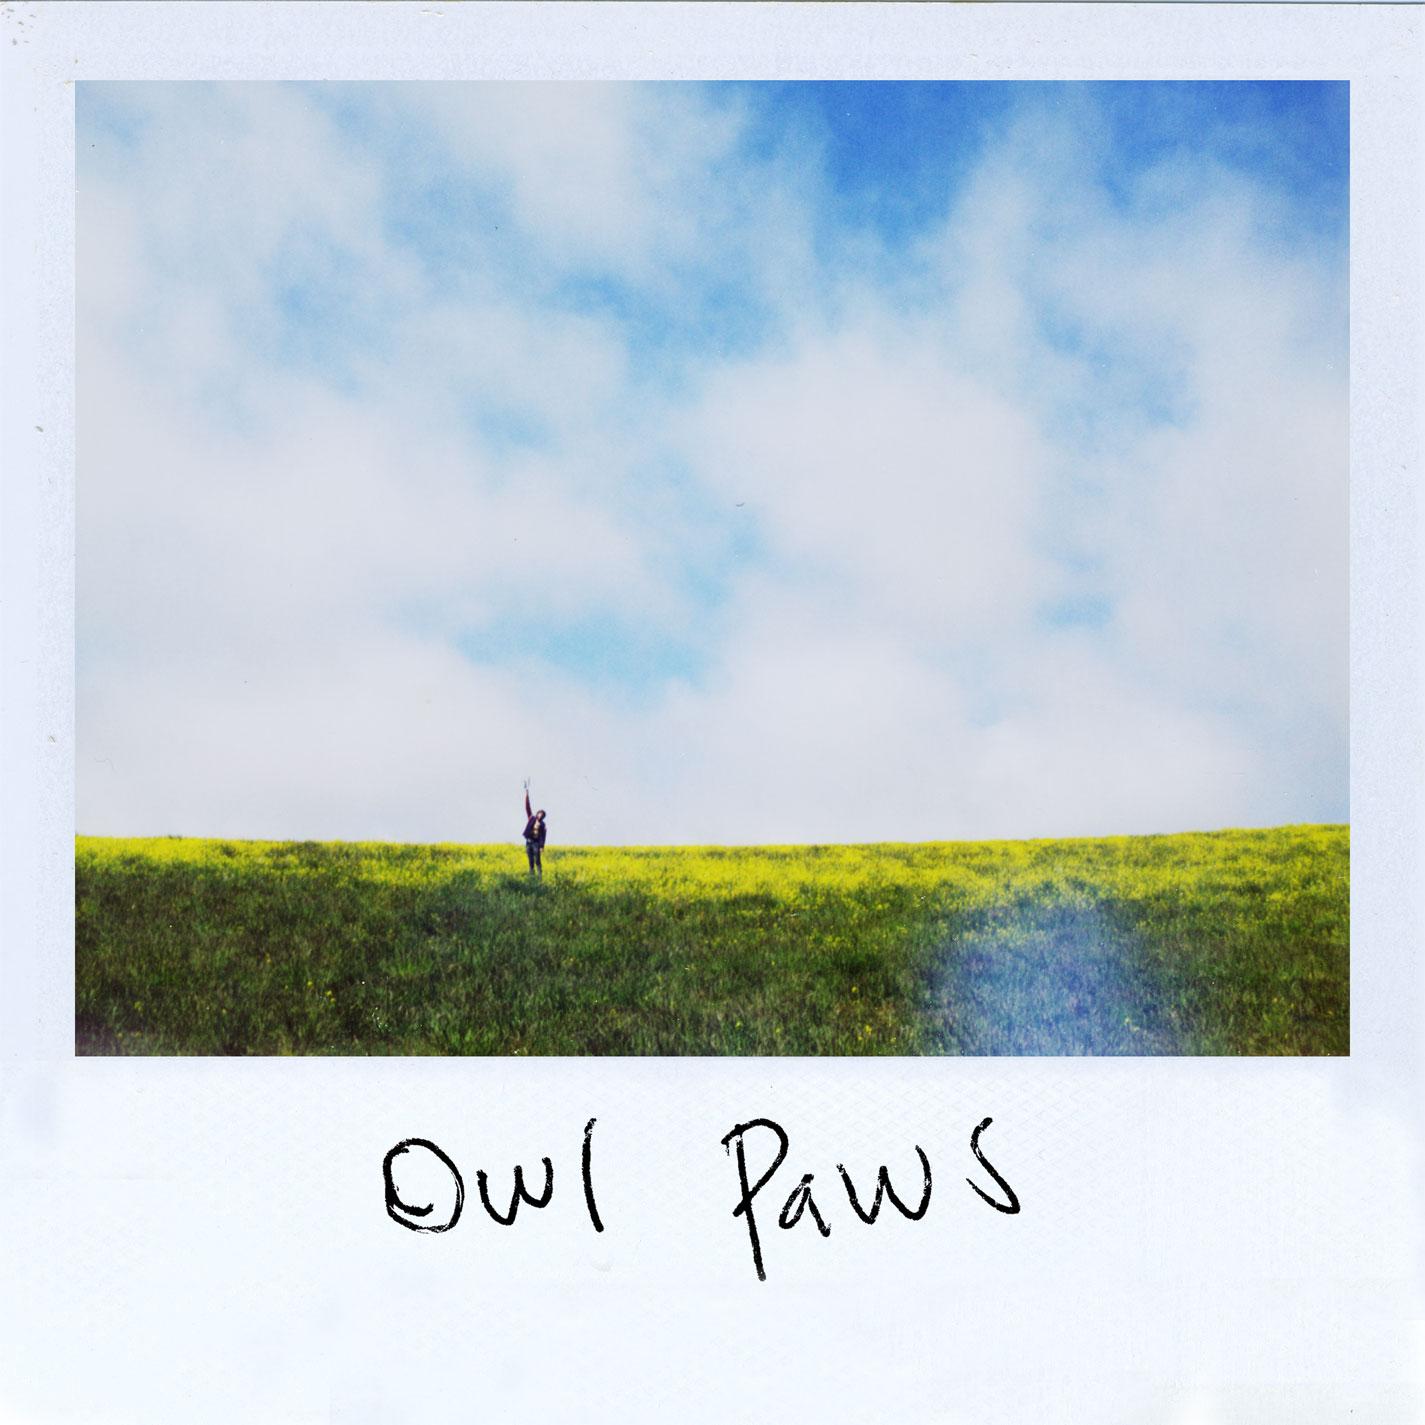 Owl Paws - Owl Paws